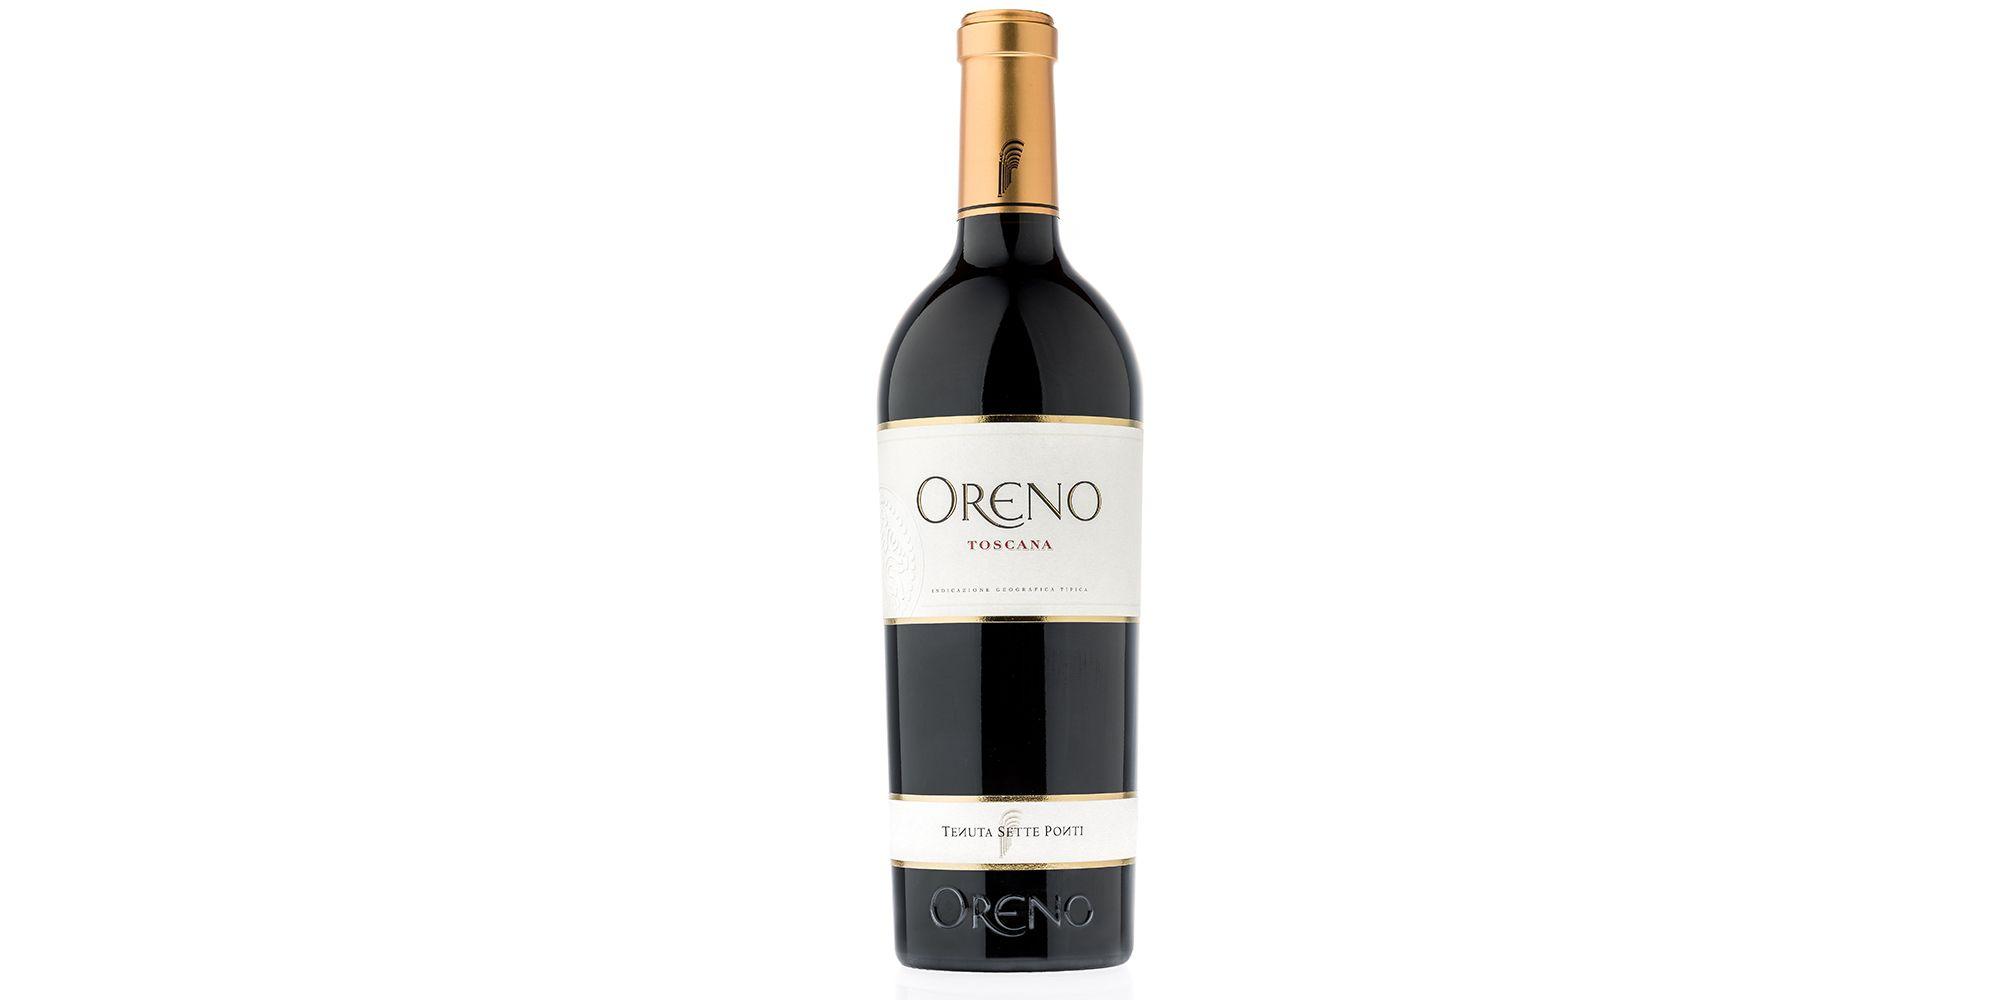 Oreno, il supertuscan più amato dagli esperti di vino